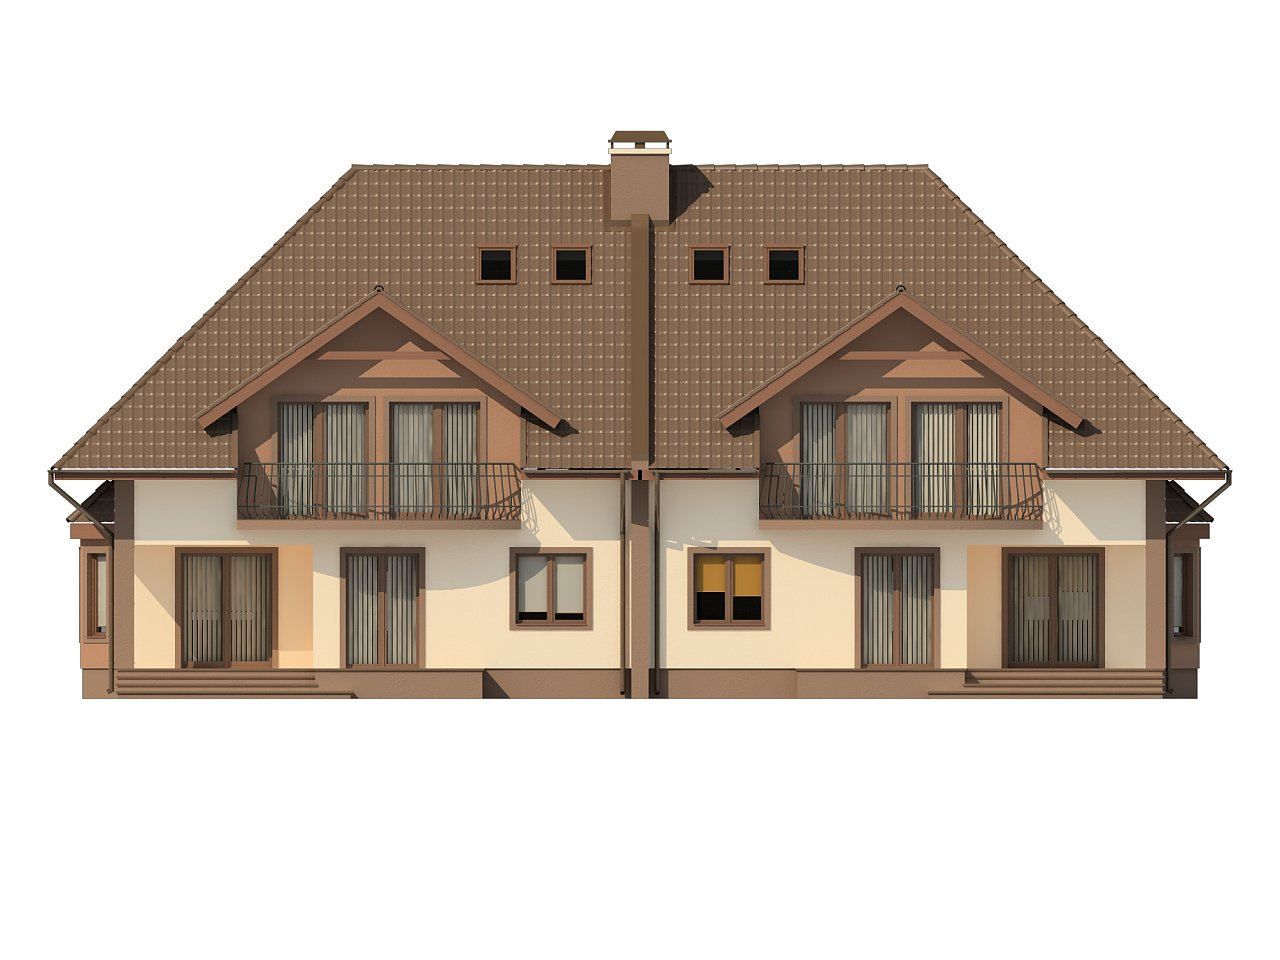 Проект домов близнецов с гаражом и дополнительным помещением на чердаке. 6